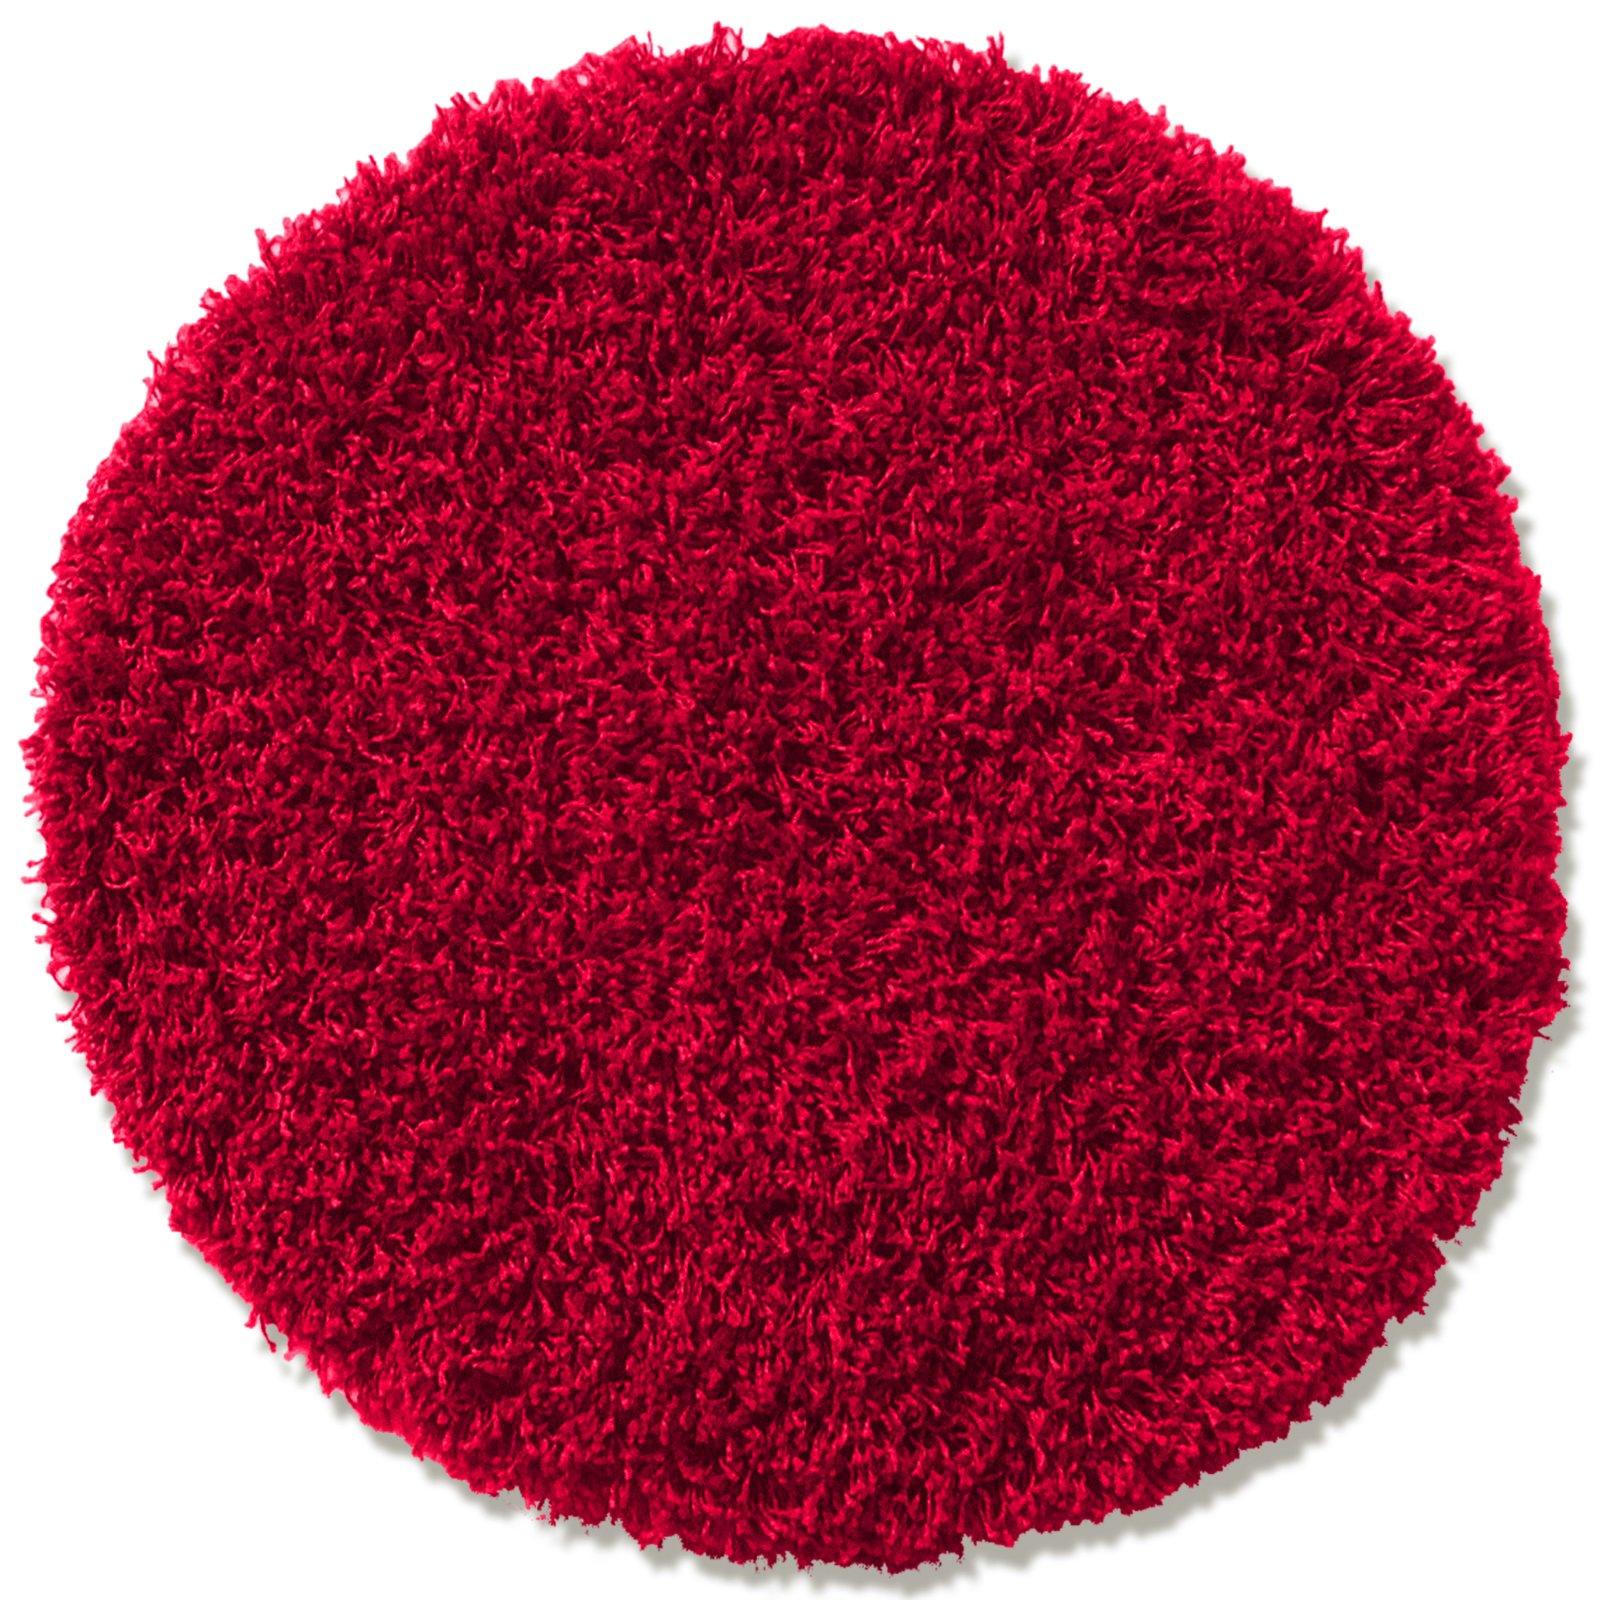 teppich shaggy plus rot rund 67 cm einfarbige teppiche teppiche l ufer deko. Black Bedroom Furniture Sets. Home Design Ideas